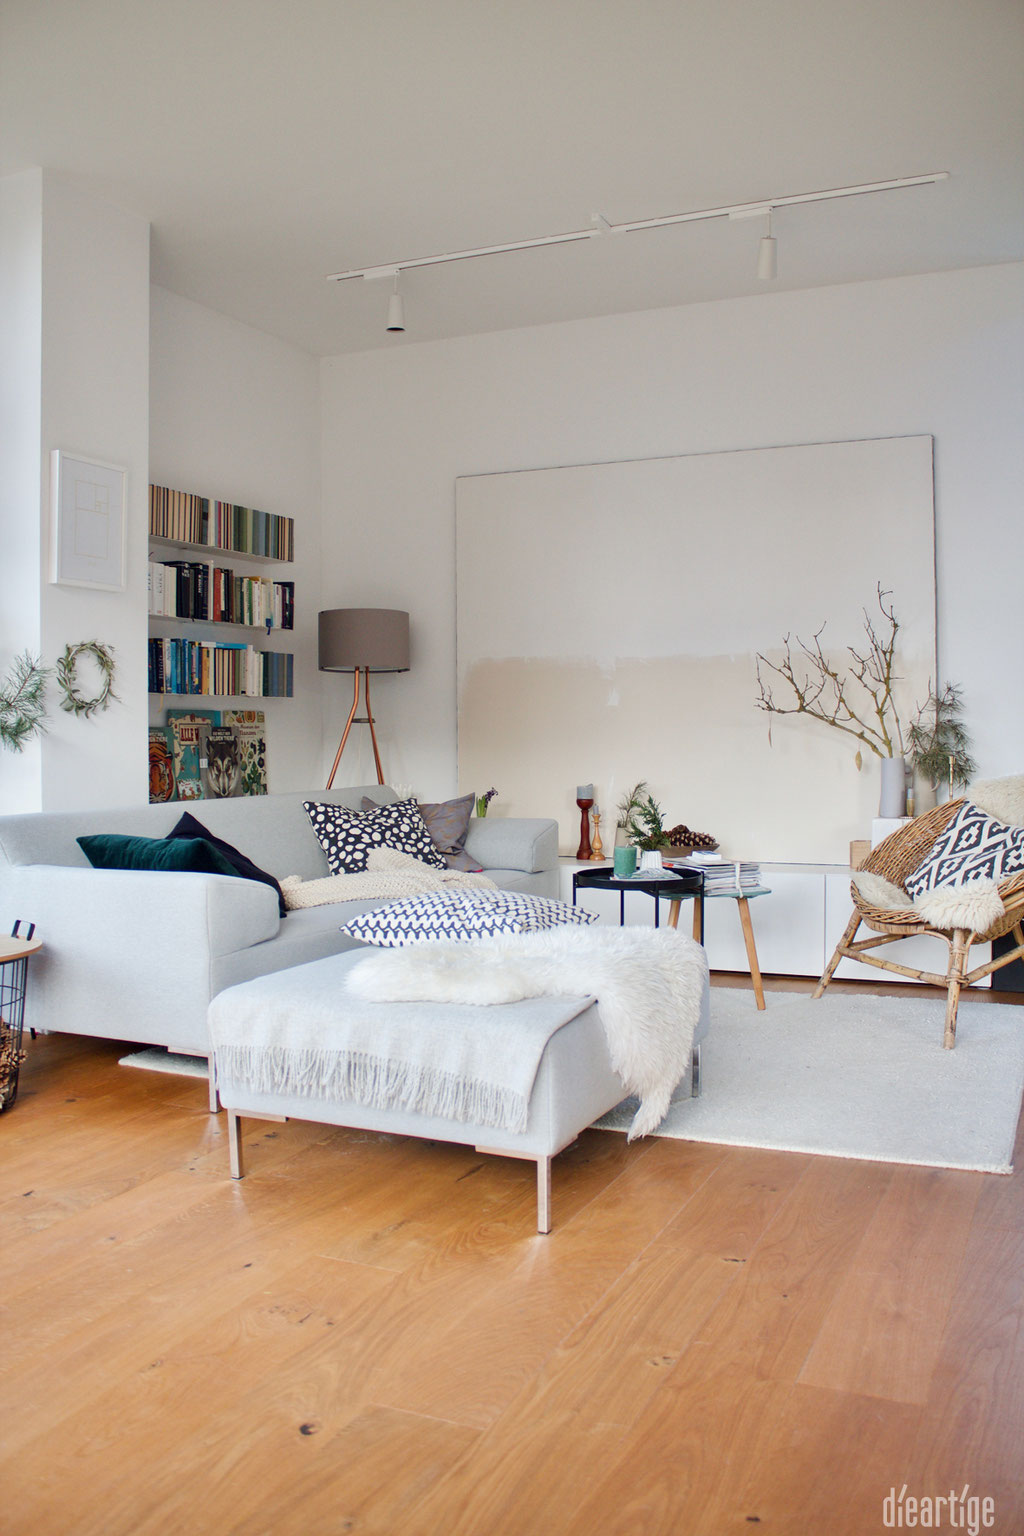 dieartige - Wohnzimmer in Weiß und Naturtönen